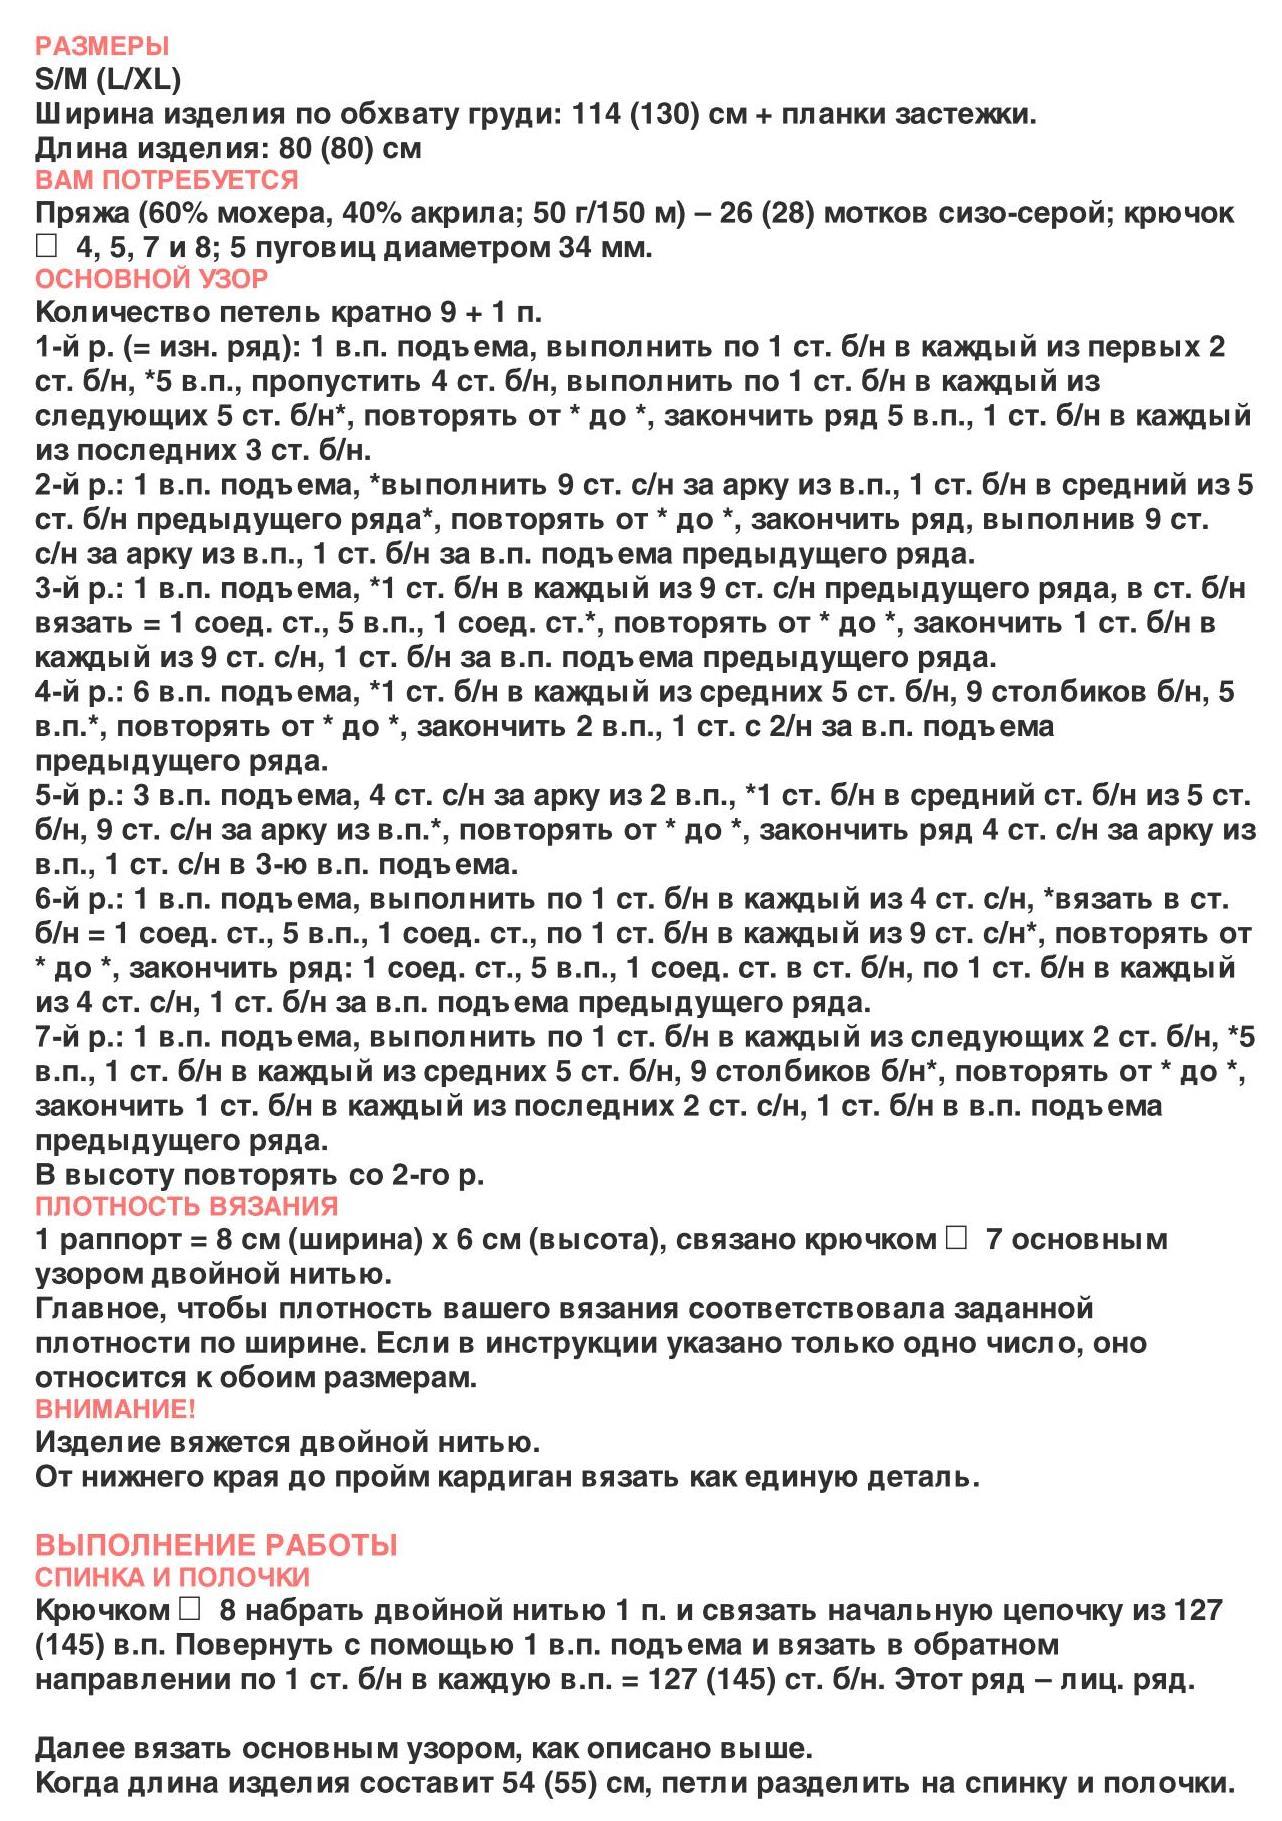 0264_f668fe8d1b27f04f745de446282abbf5 (2)